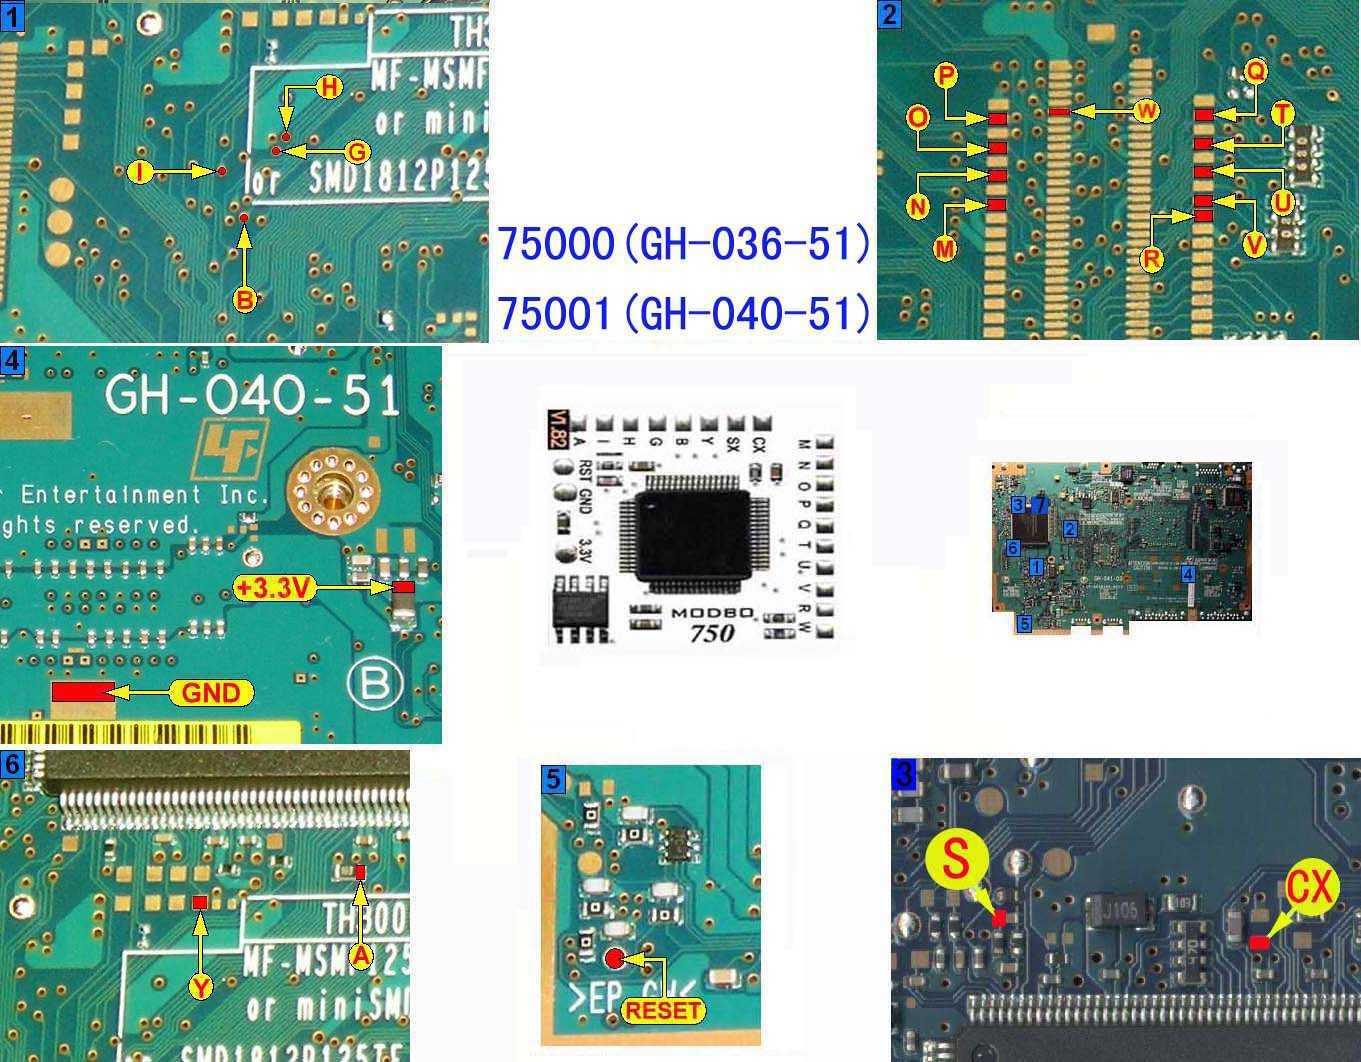 scph7x00x.V14.GH036-51.GH040-51.GH040-52.jpg